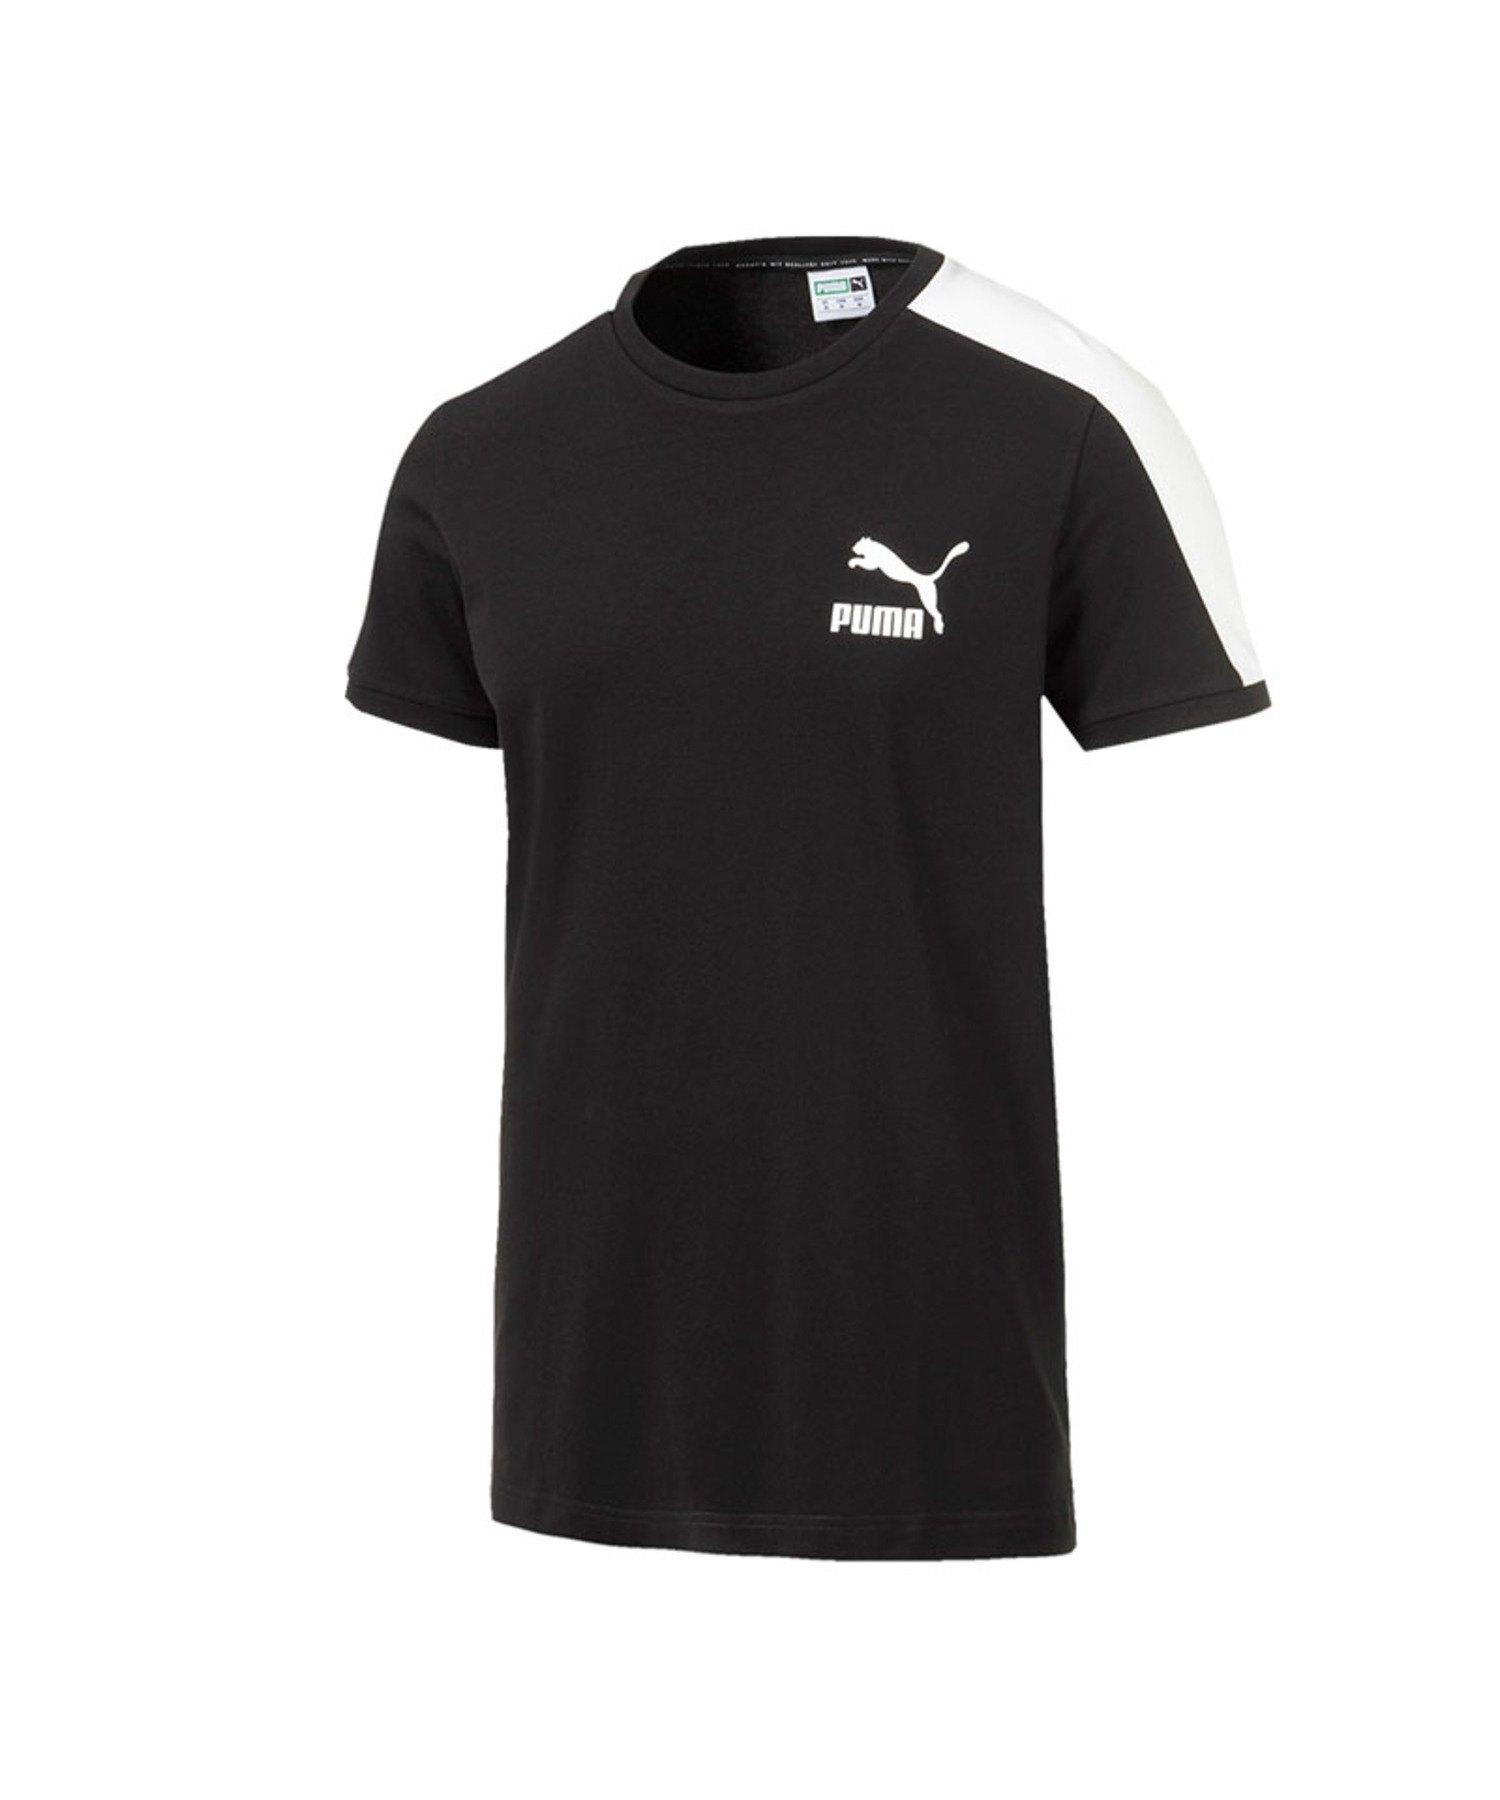 PUMA Iconic T7 T-Shirt Slim Fit Schwarz F01 - Schwarz